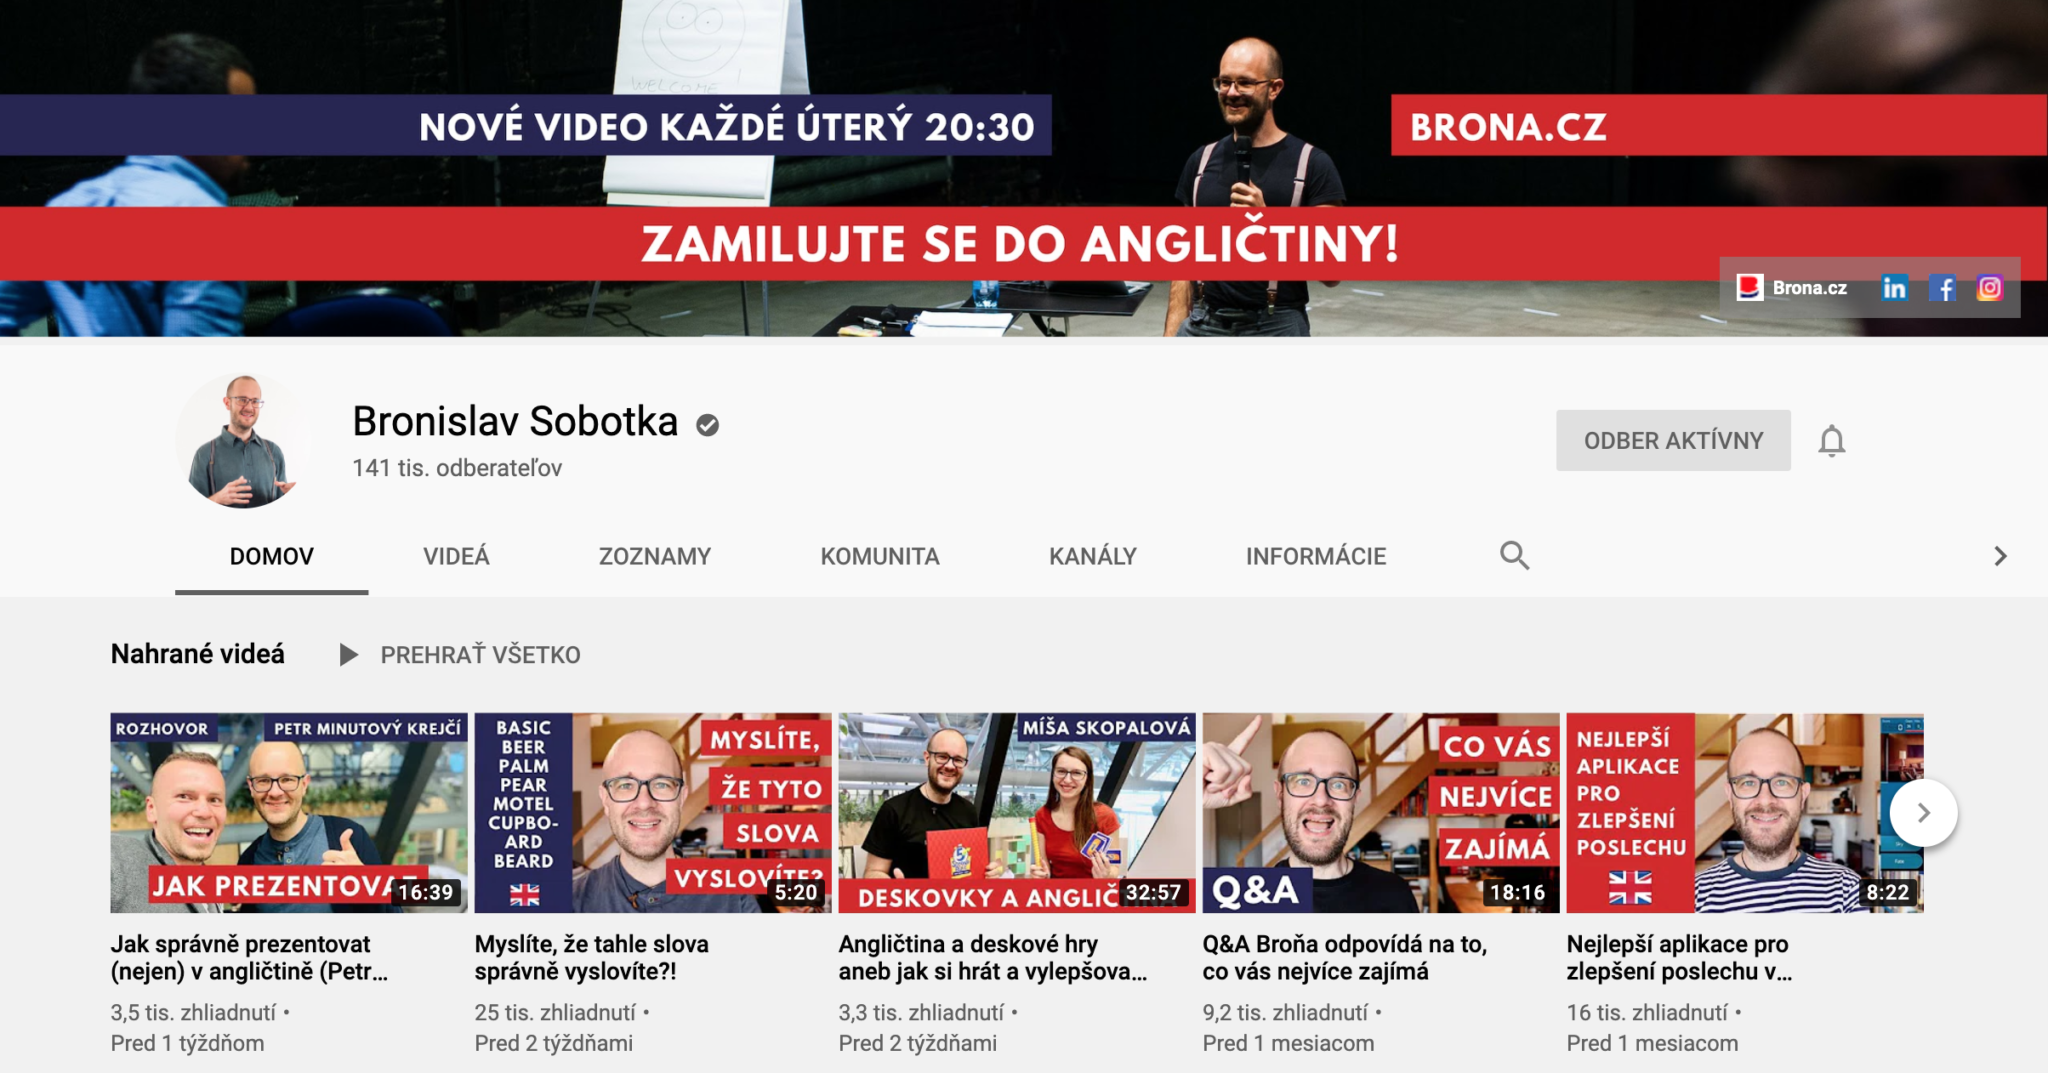 brona.cz